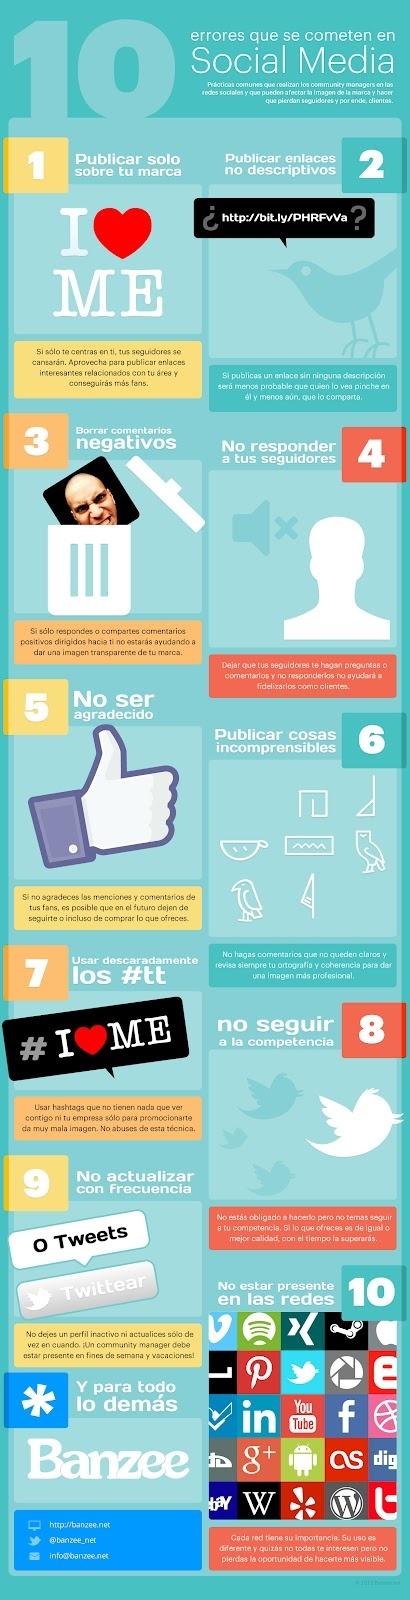 El Blog de Martin Maletta: Malas prácticas en redes sociales